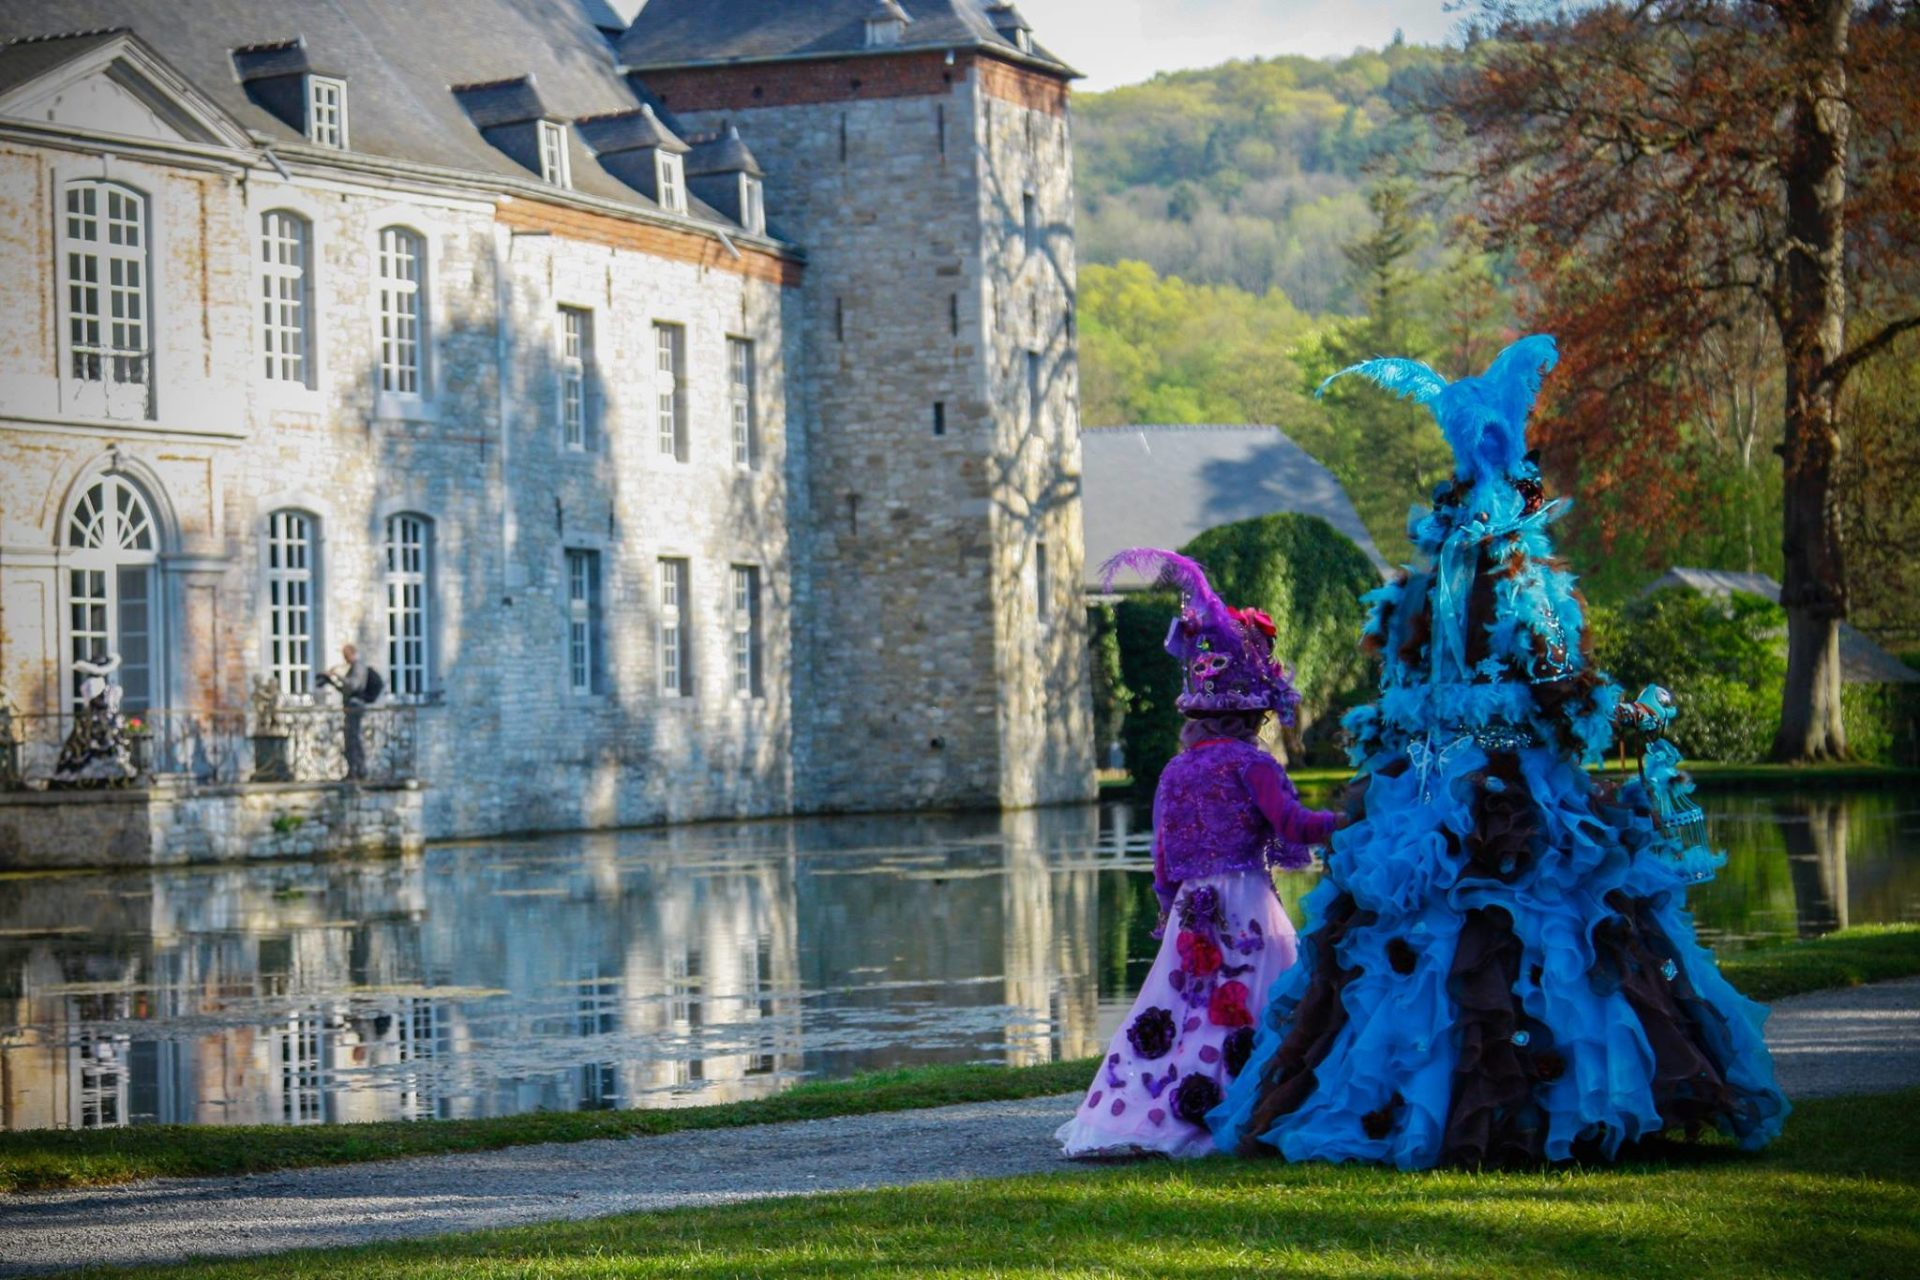 les-costumes-venitiens-aux-jardins-deau-dannevoie